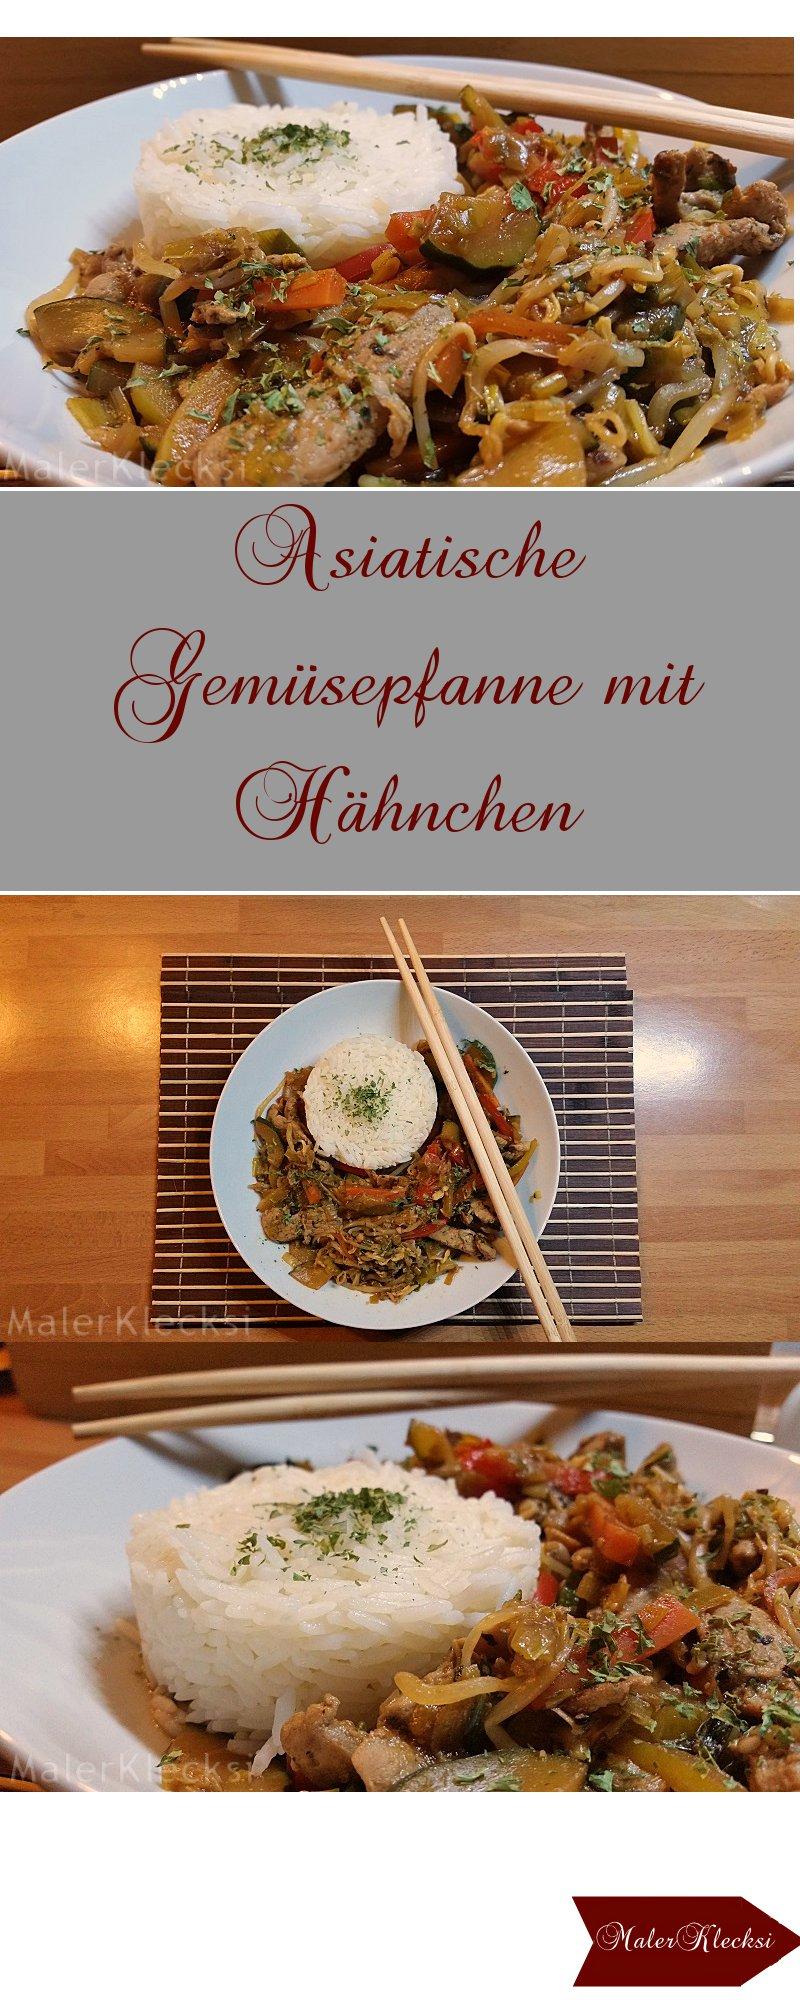 Asiatische-Gemuesepfanne-mit-Haehnchen